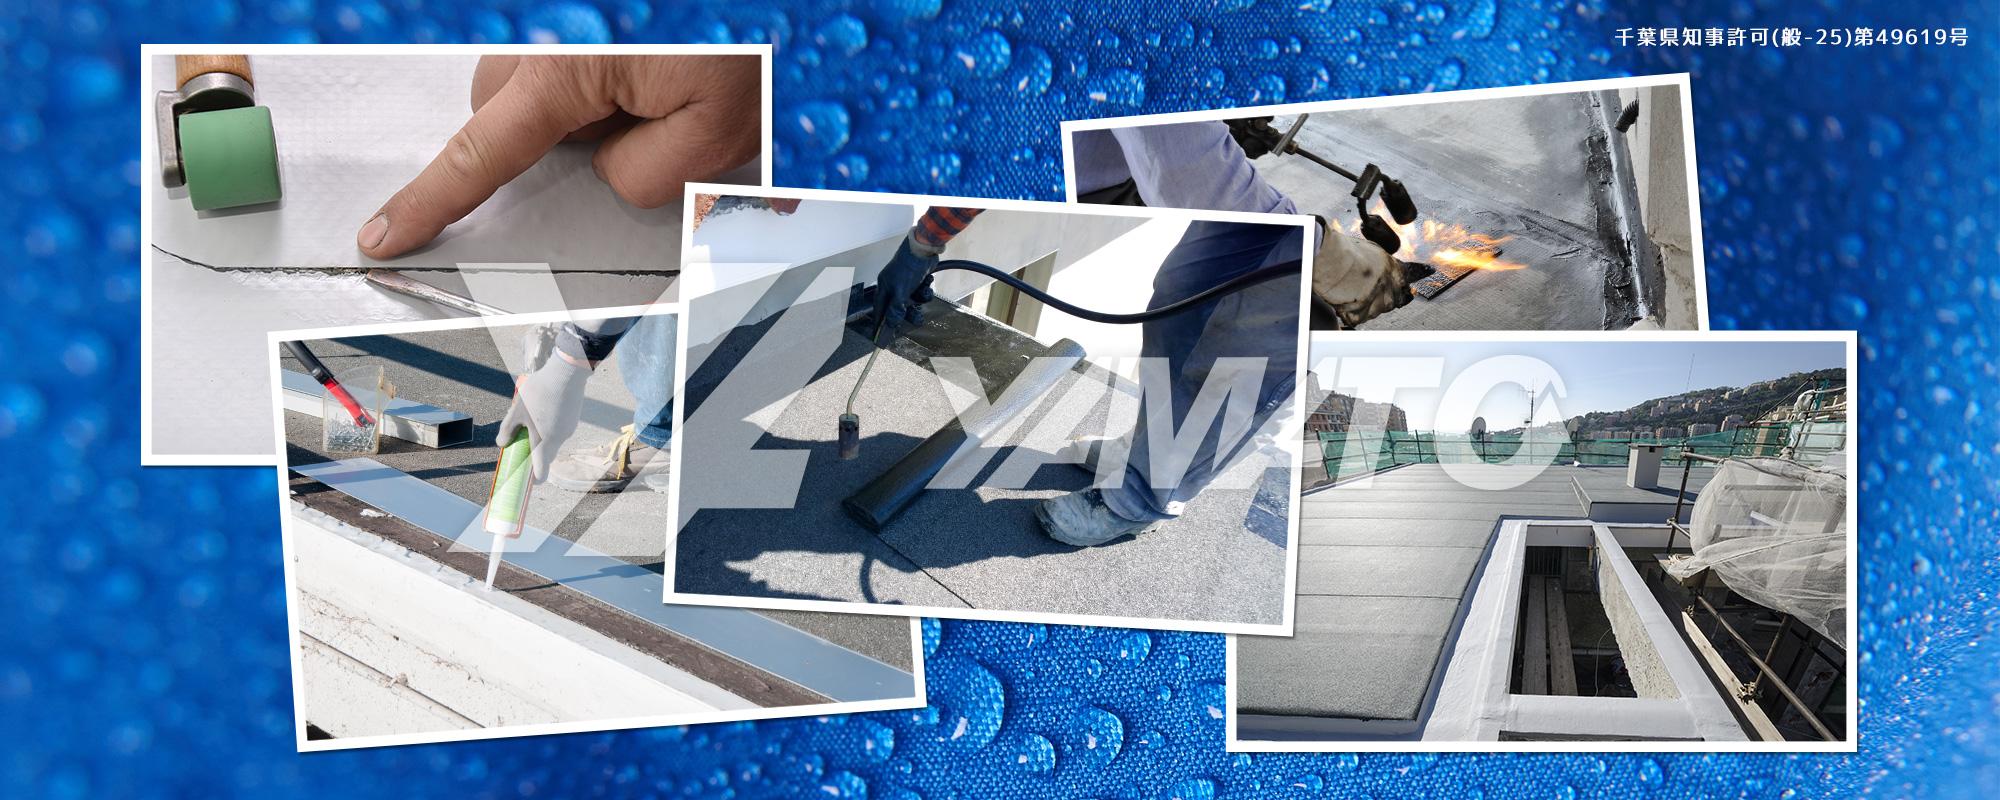 防水とリフォームなら大和へ。低コストと耐久性に自信あり。